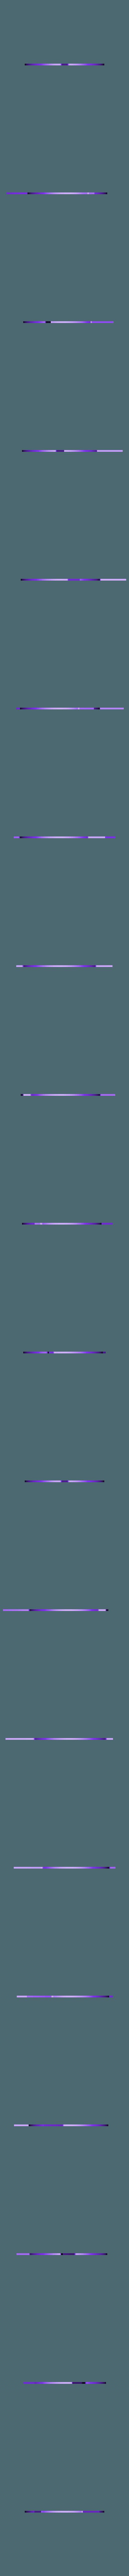 Emblem Insert.stl Download free STL file Star Trek USS Enterprise NCC 1701 • 3D printing object, Dsk